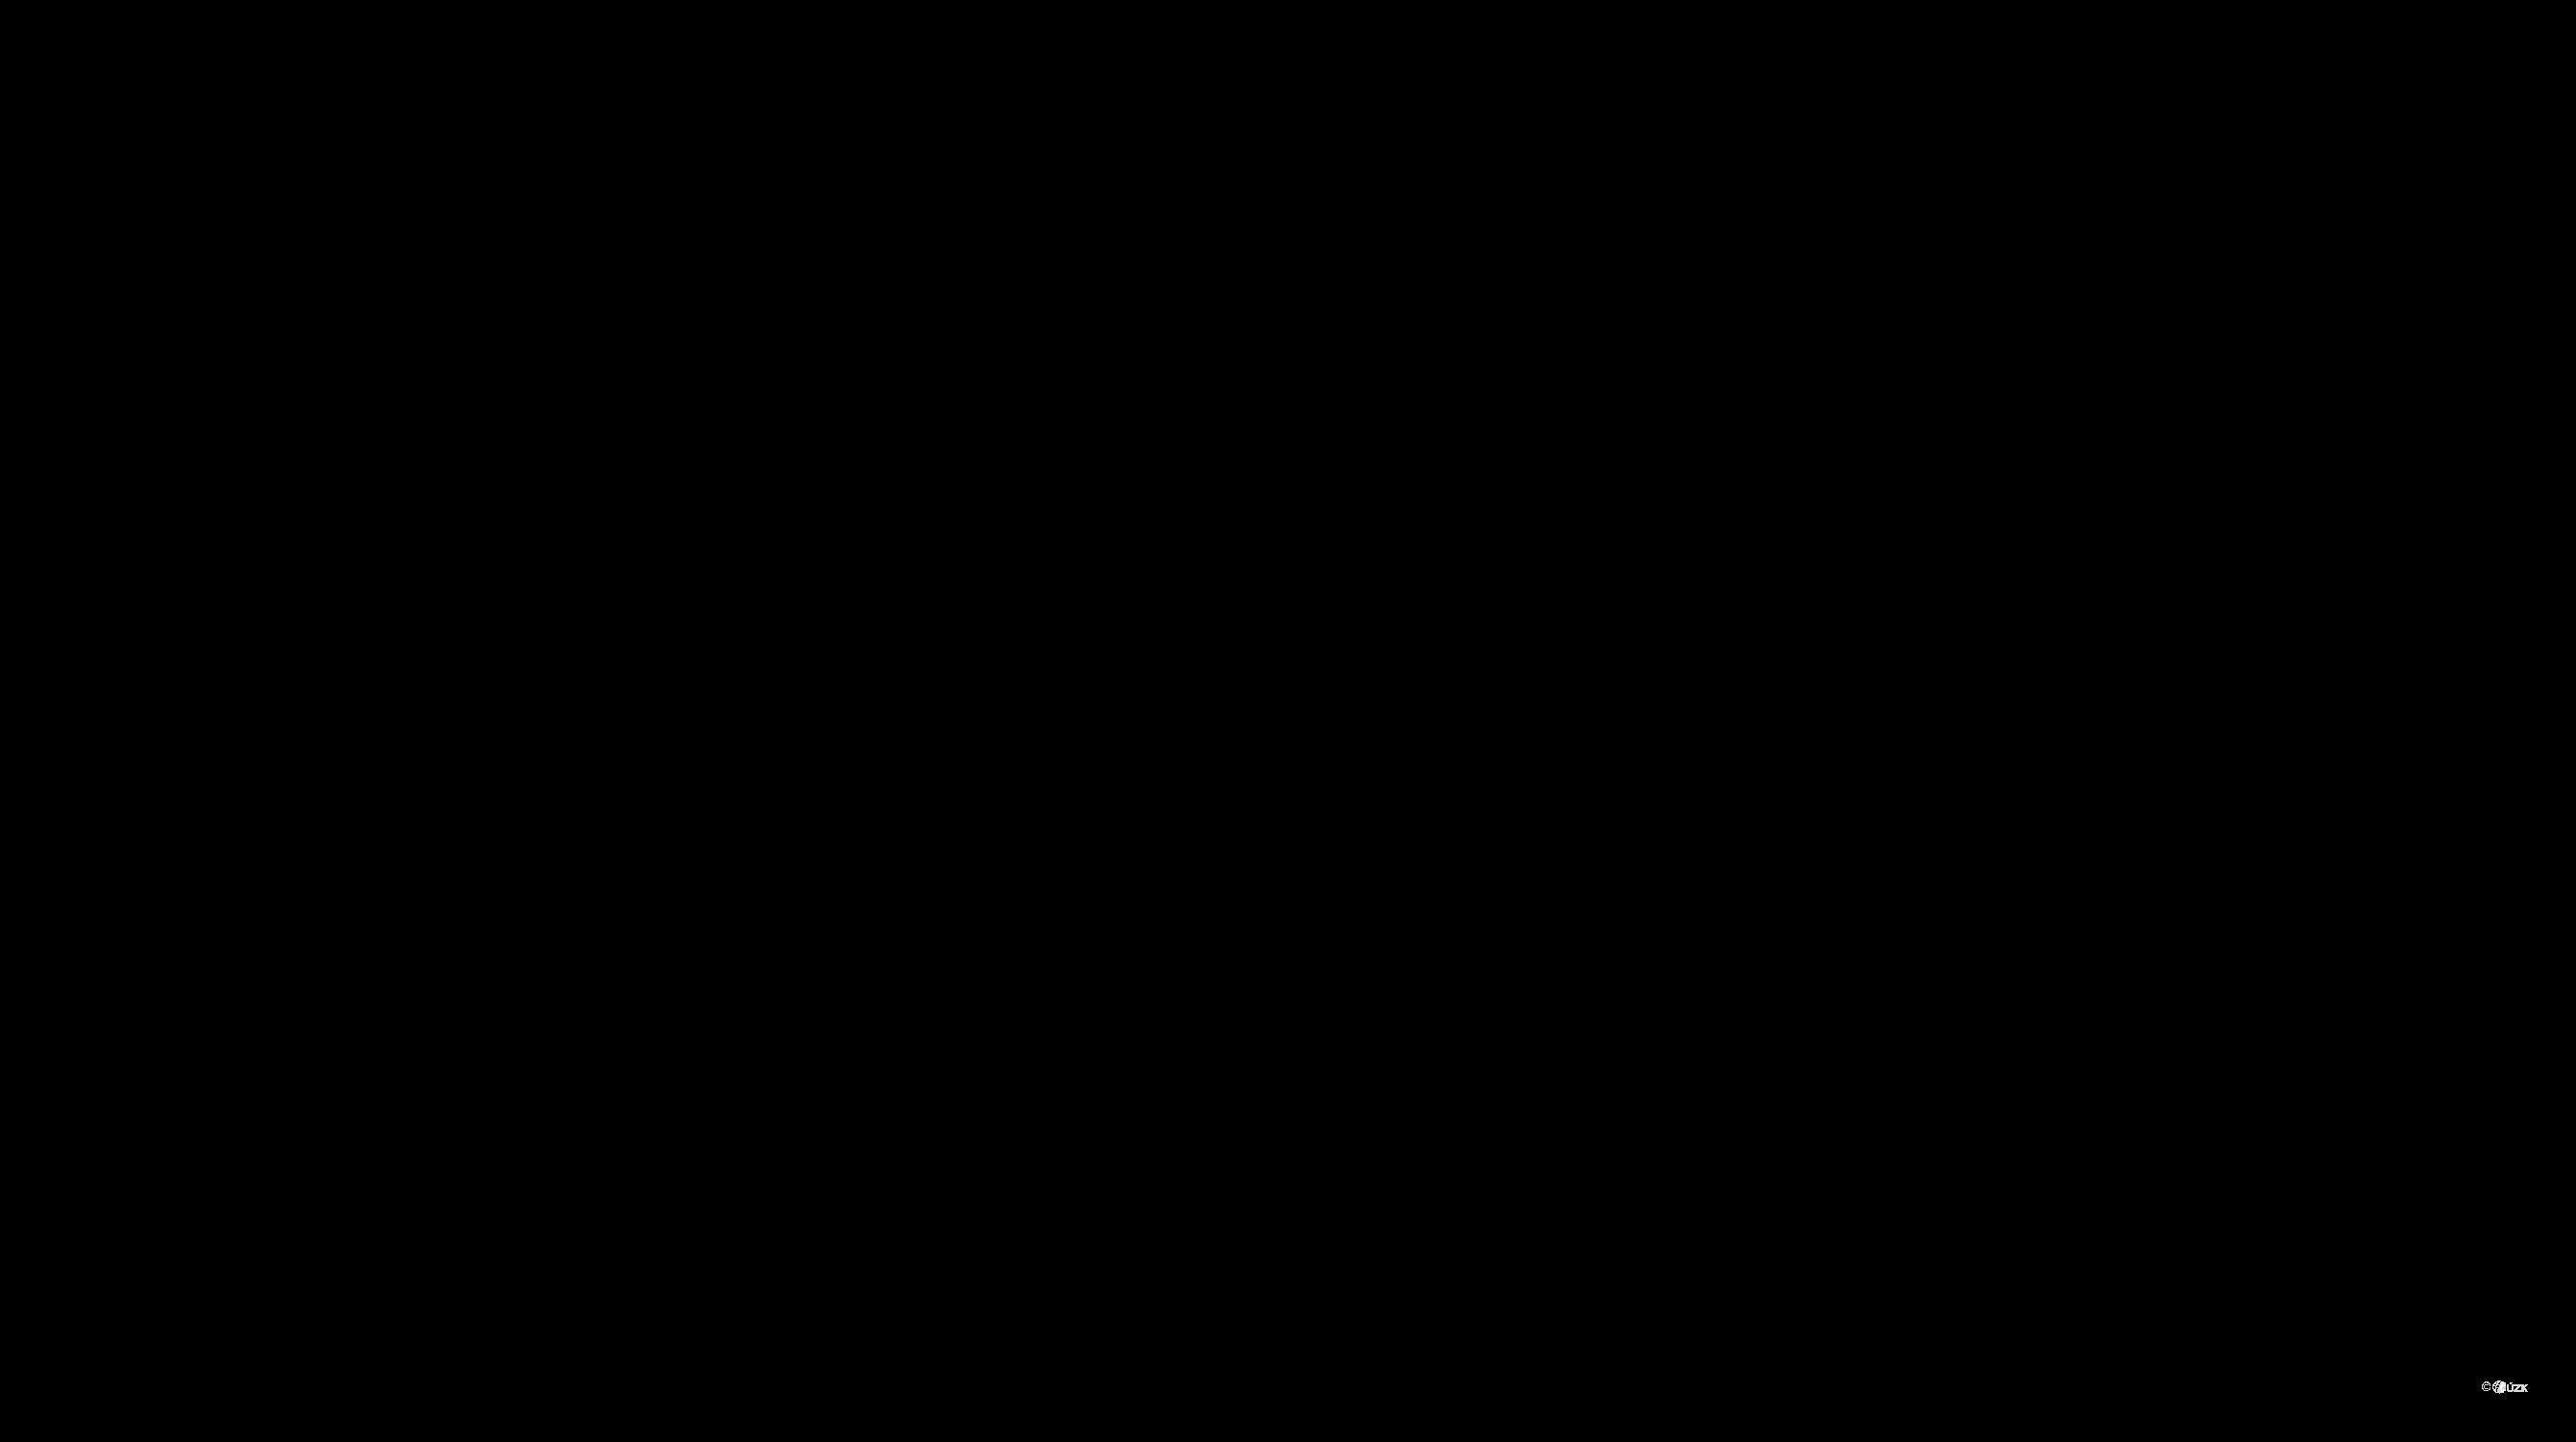 Katastrální mapa pozemků a čísla parcel Malenovice u Zlína